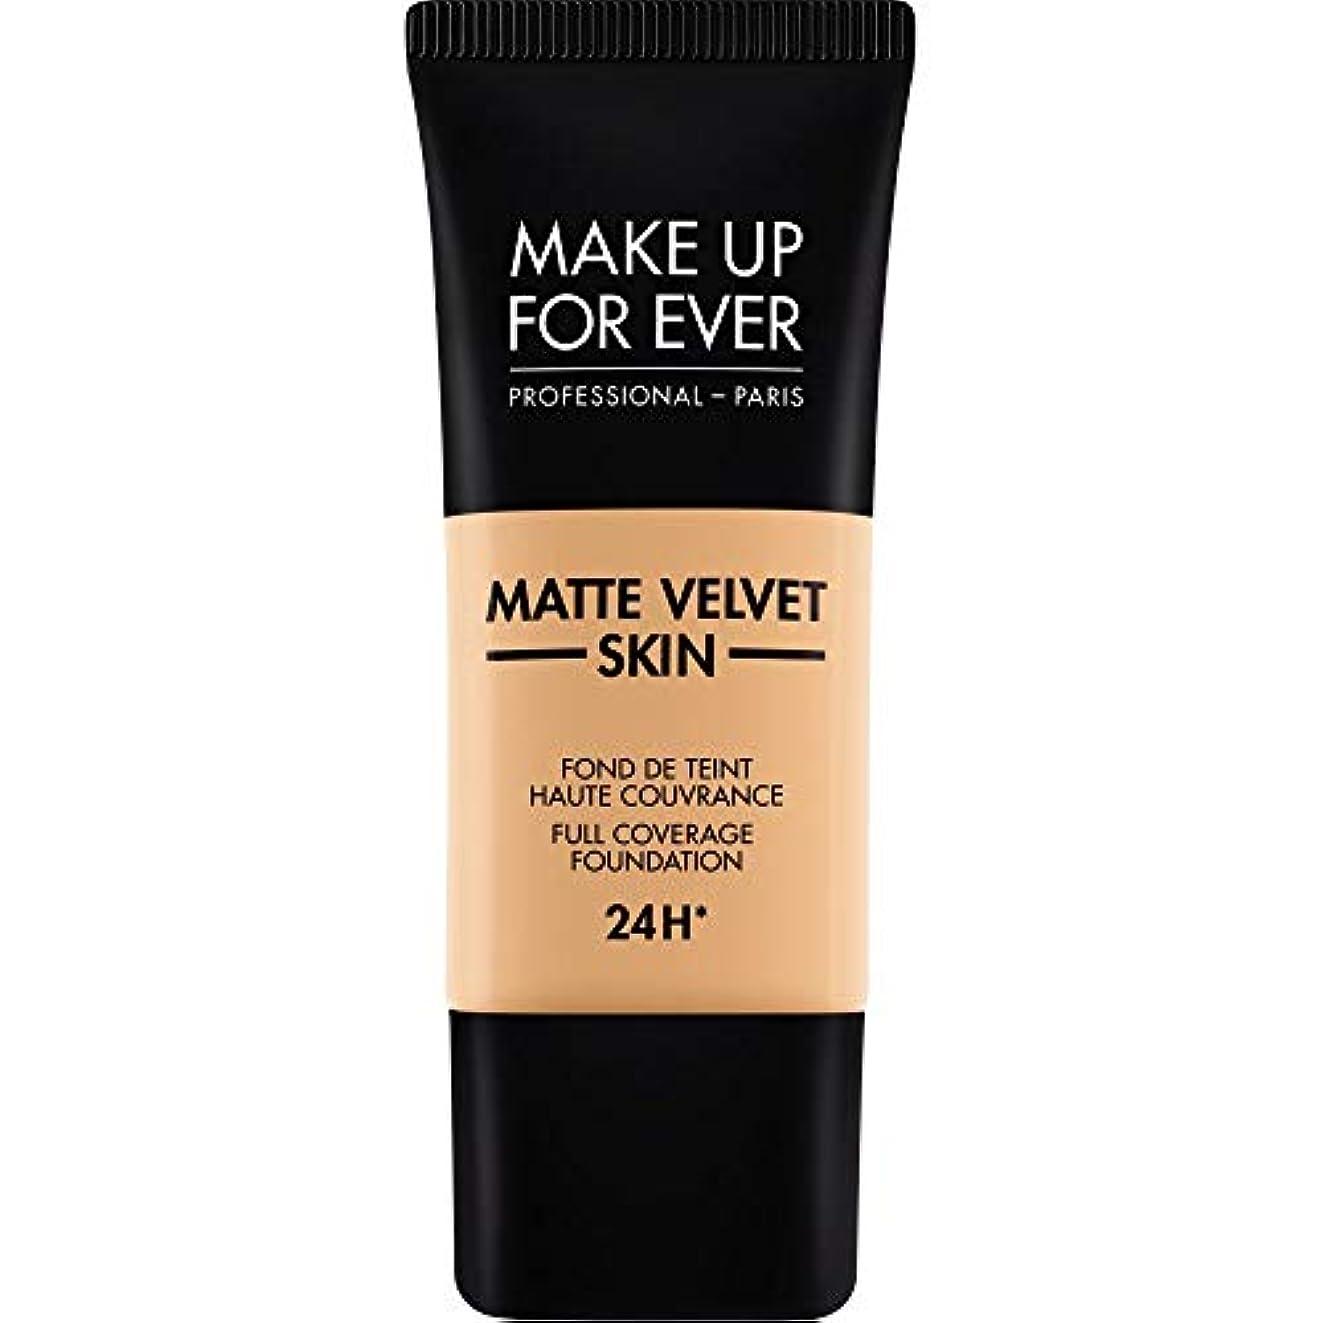 付けるヒステリック有名な[MAKE UP FOR EVER] これまでマットベルベットの皮膚のフルカバレッジ基礎30ミリリットルのY315を補う - 砂 - MAKE UP FOR EVER Matte Velvet Skin Full Coverage...